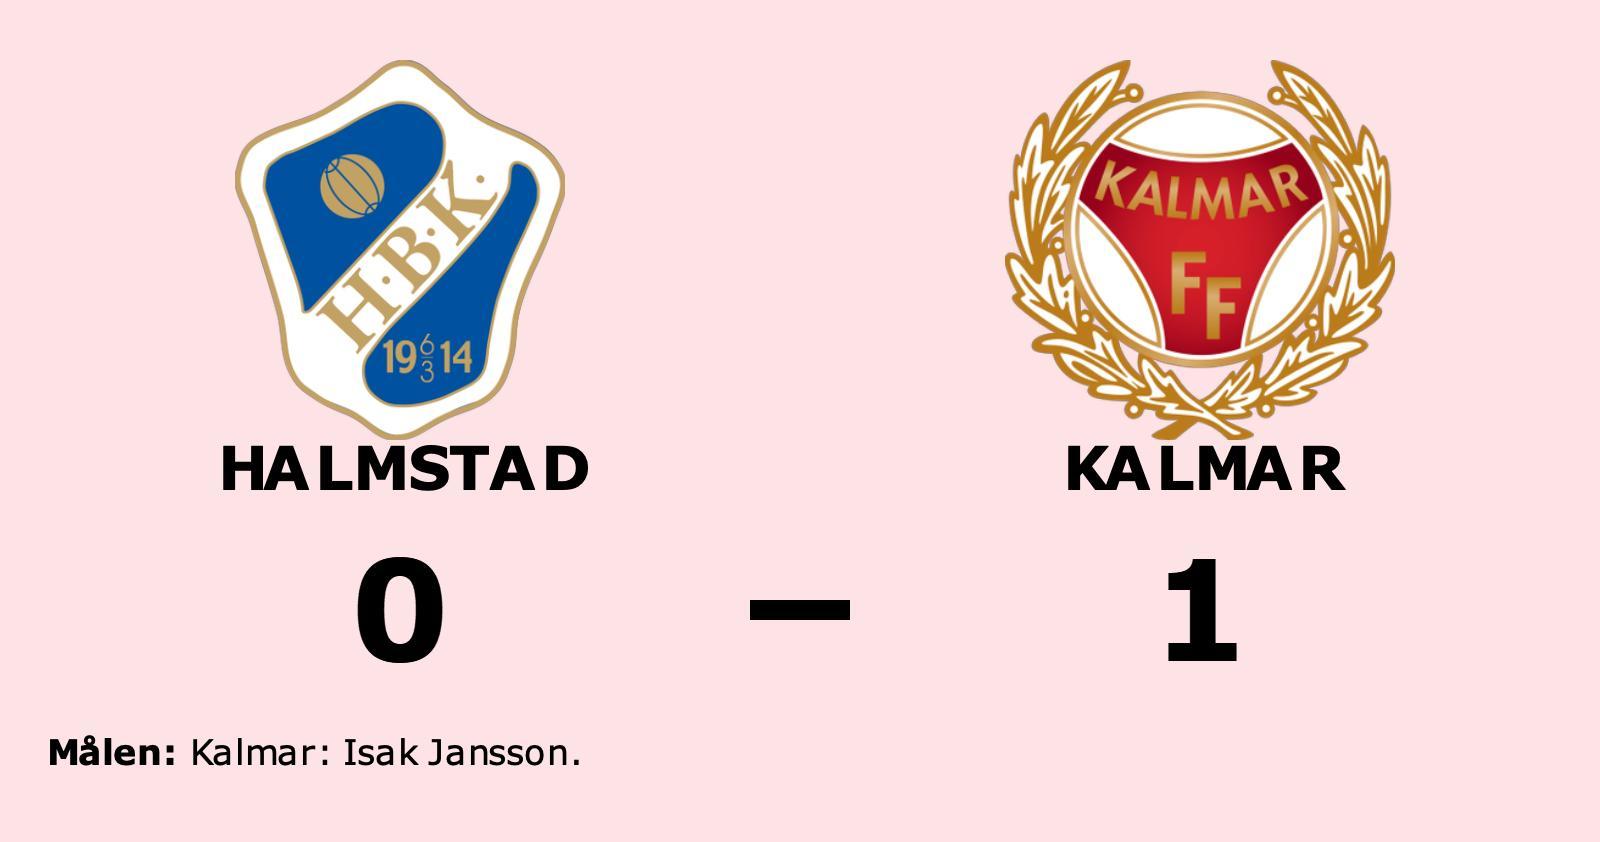 Halmstad förlorade mot Kalmar